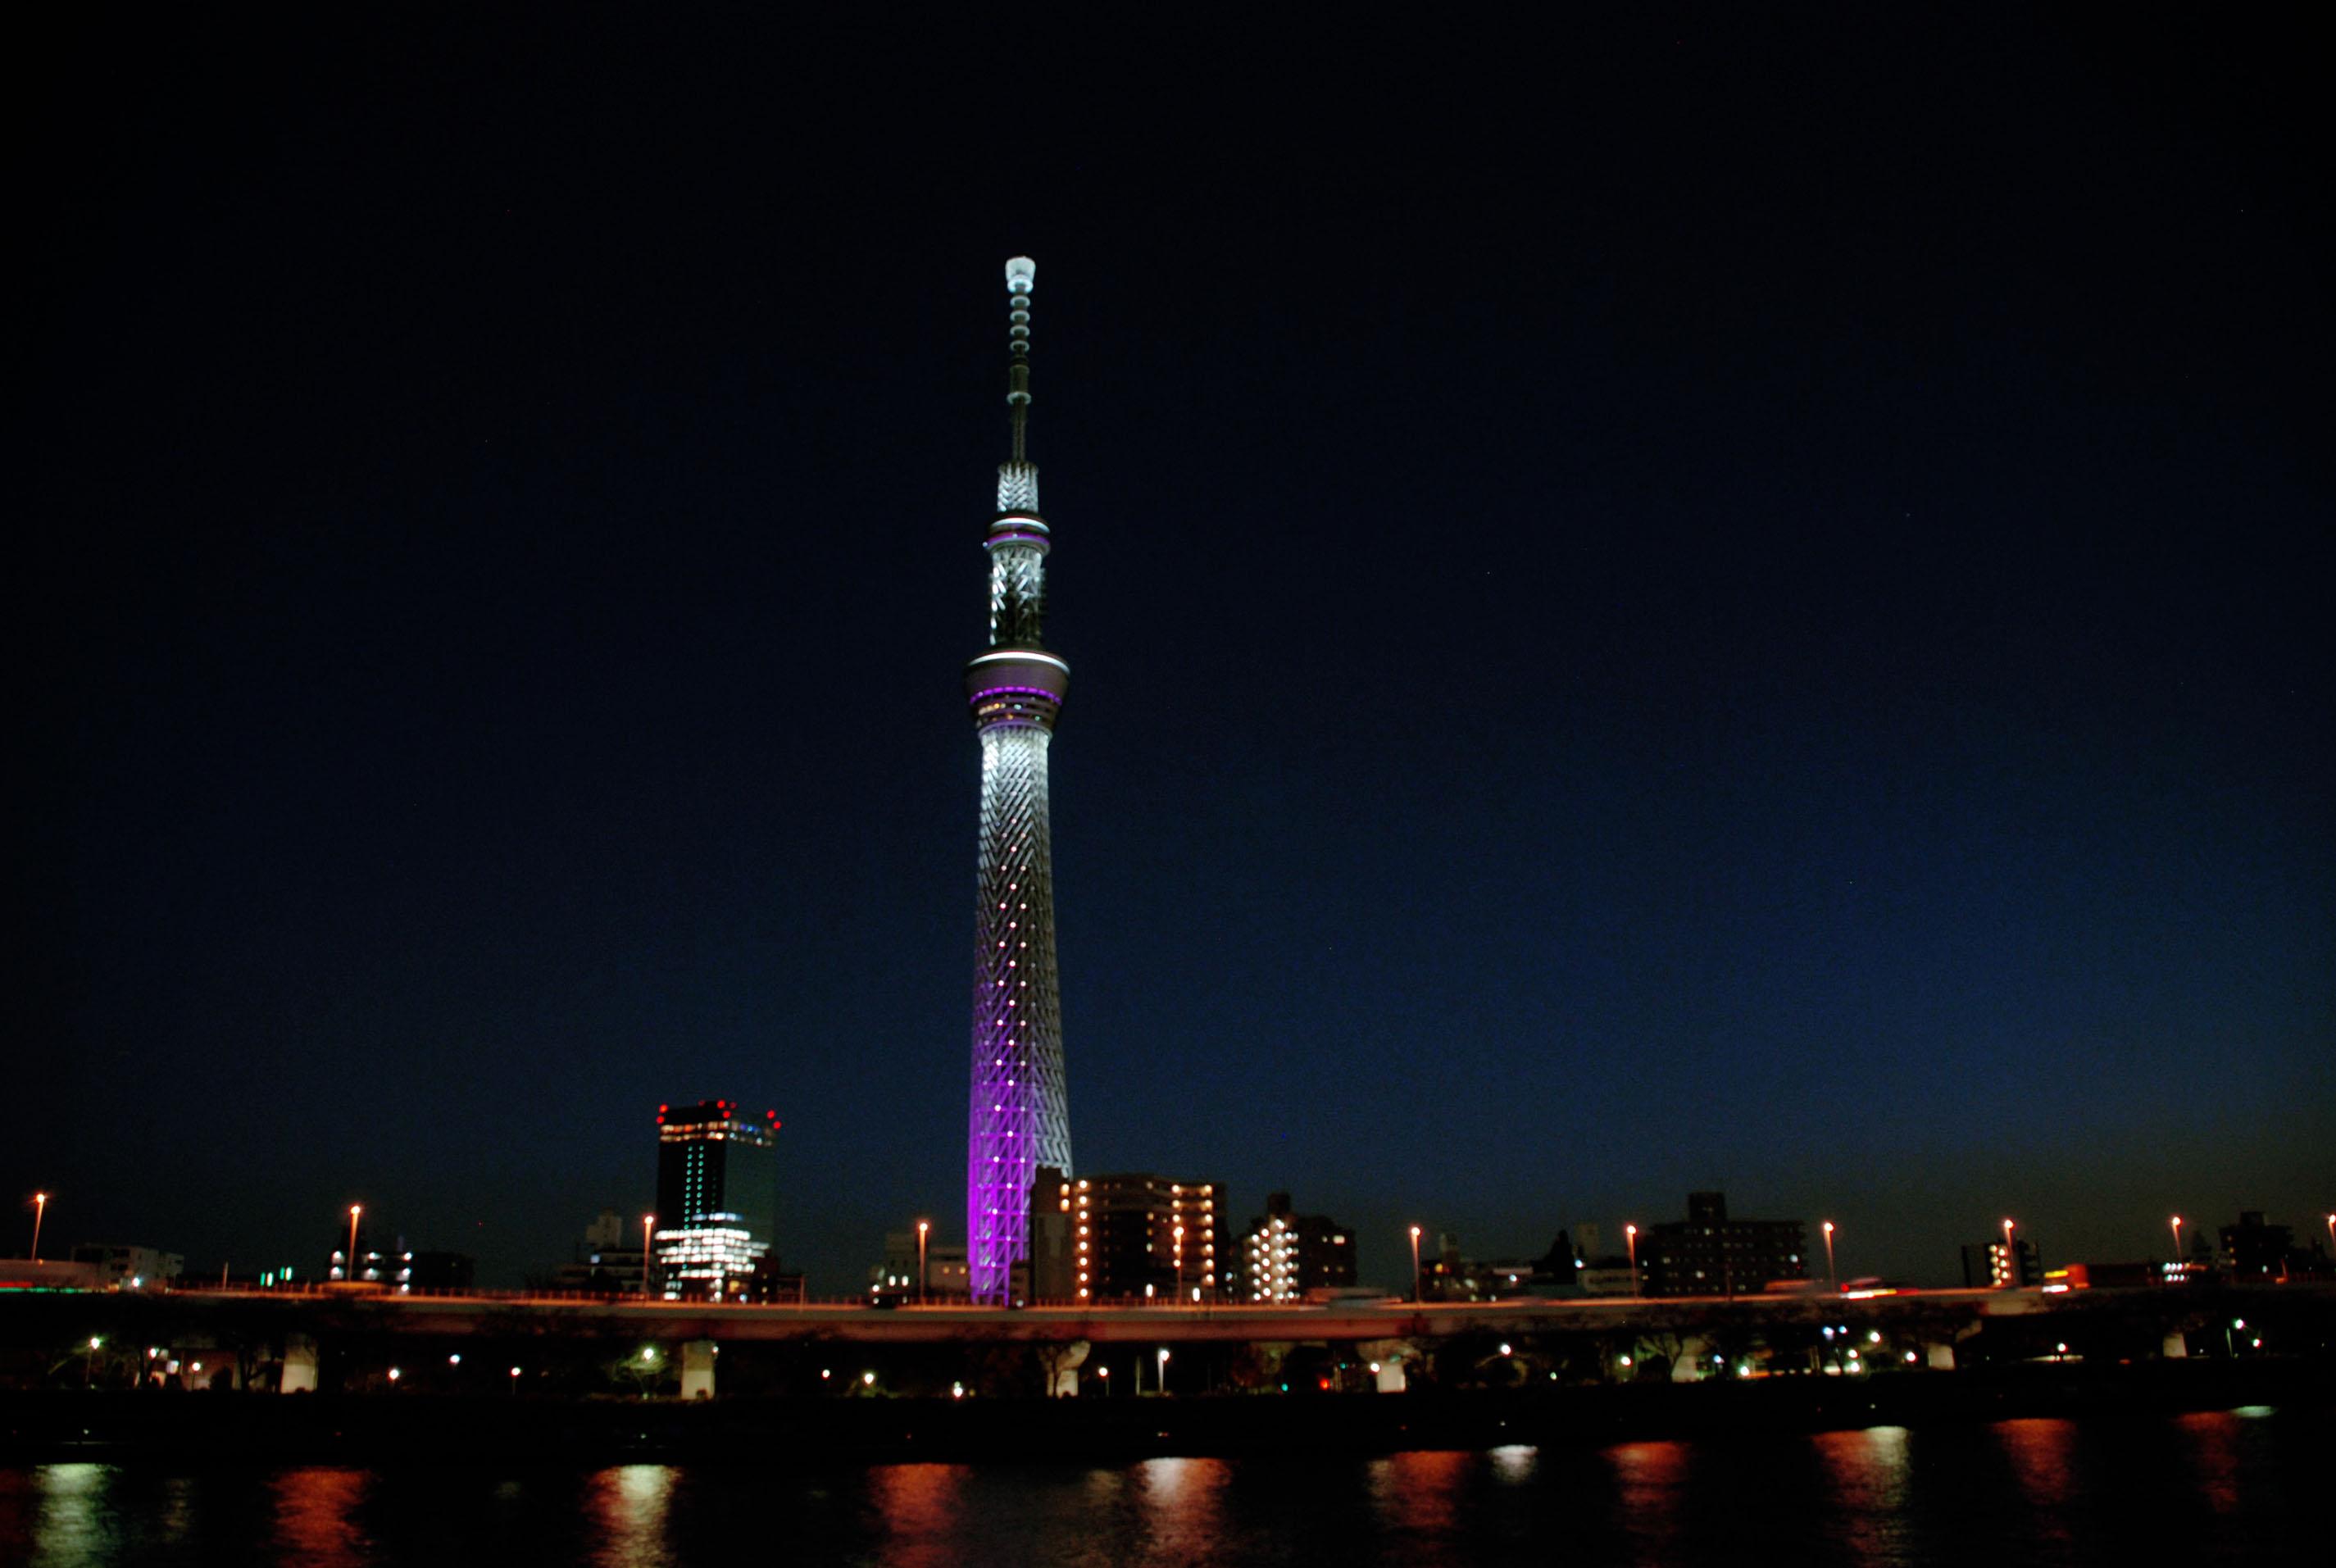 Sumida Tower 3